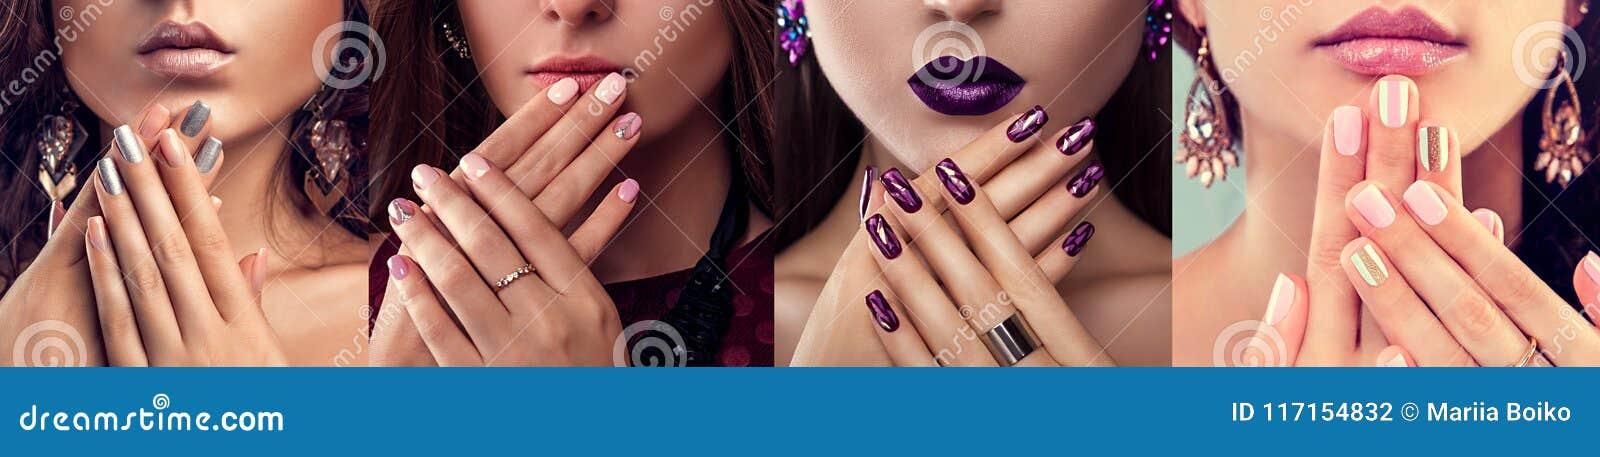 Il modello di moda di bellezza con arte differente del chiodo e di trucco progetta i gioielli d uso Insieme del manicure Quattro